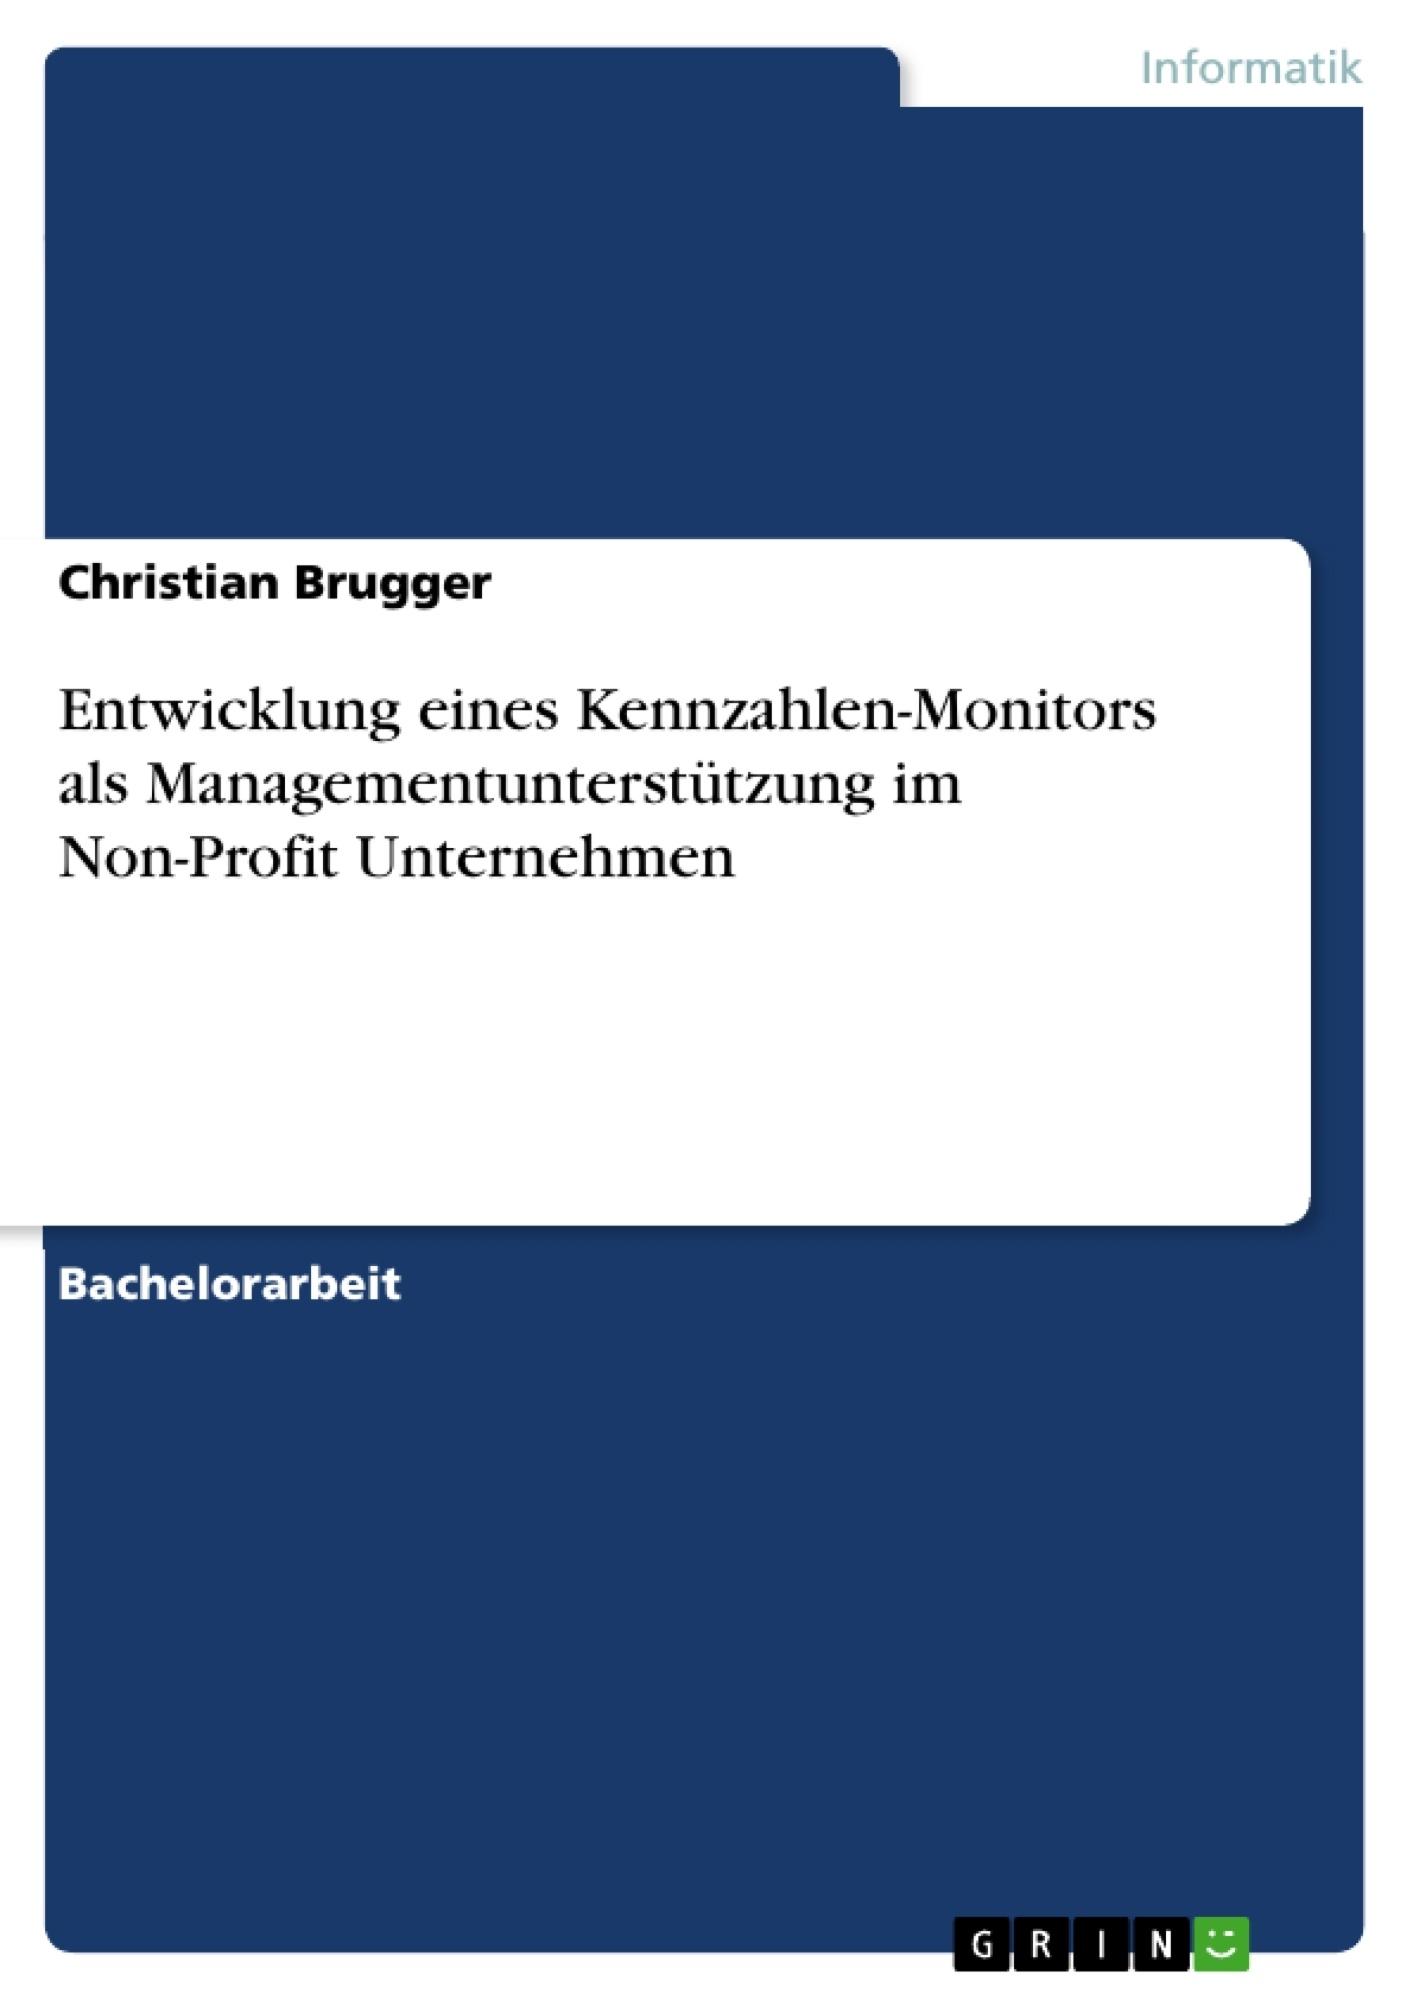 Titel: Entwicklung eines Kennzahlen-Monitors als Managementunterstützung im Non-Profit Unternehmen